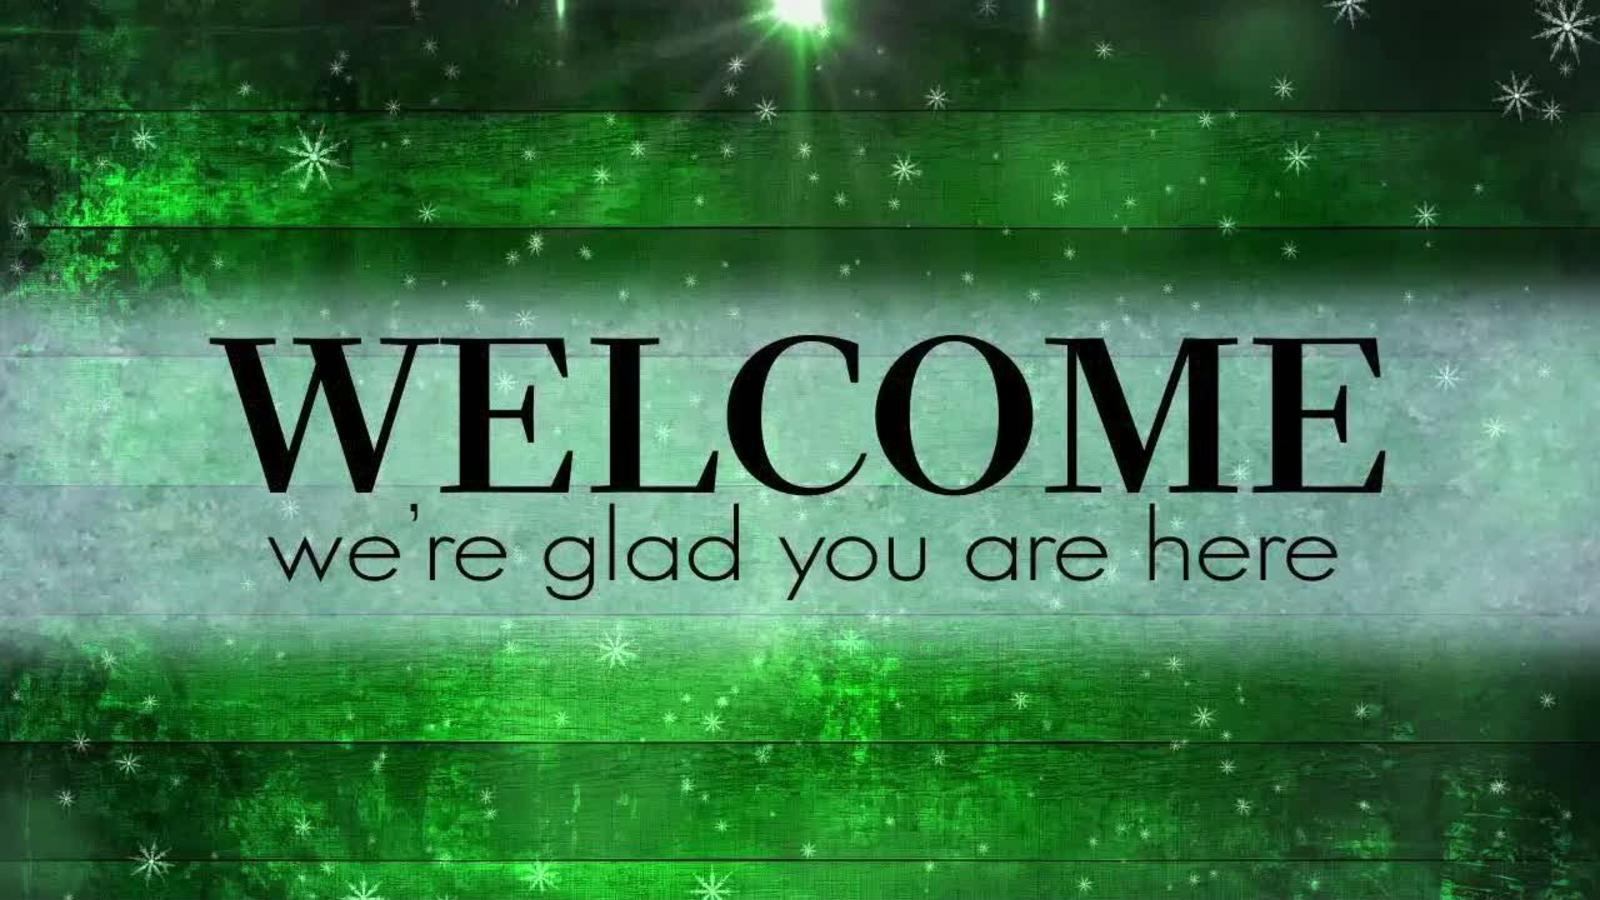 Slide chào mừng mở đầu chúng tôi rất hân hạnh có sự tham gia của bạn